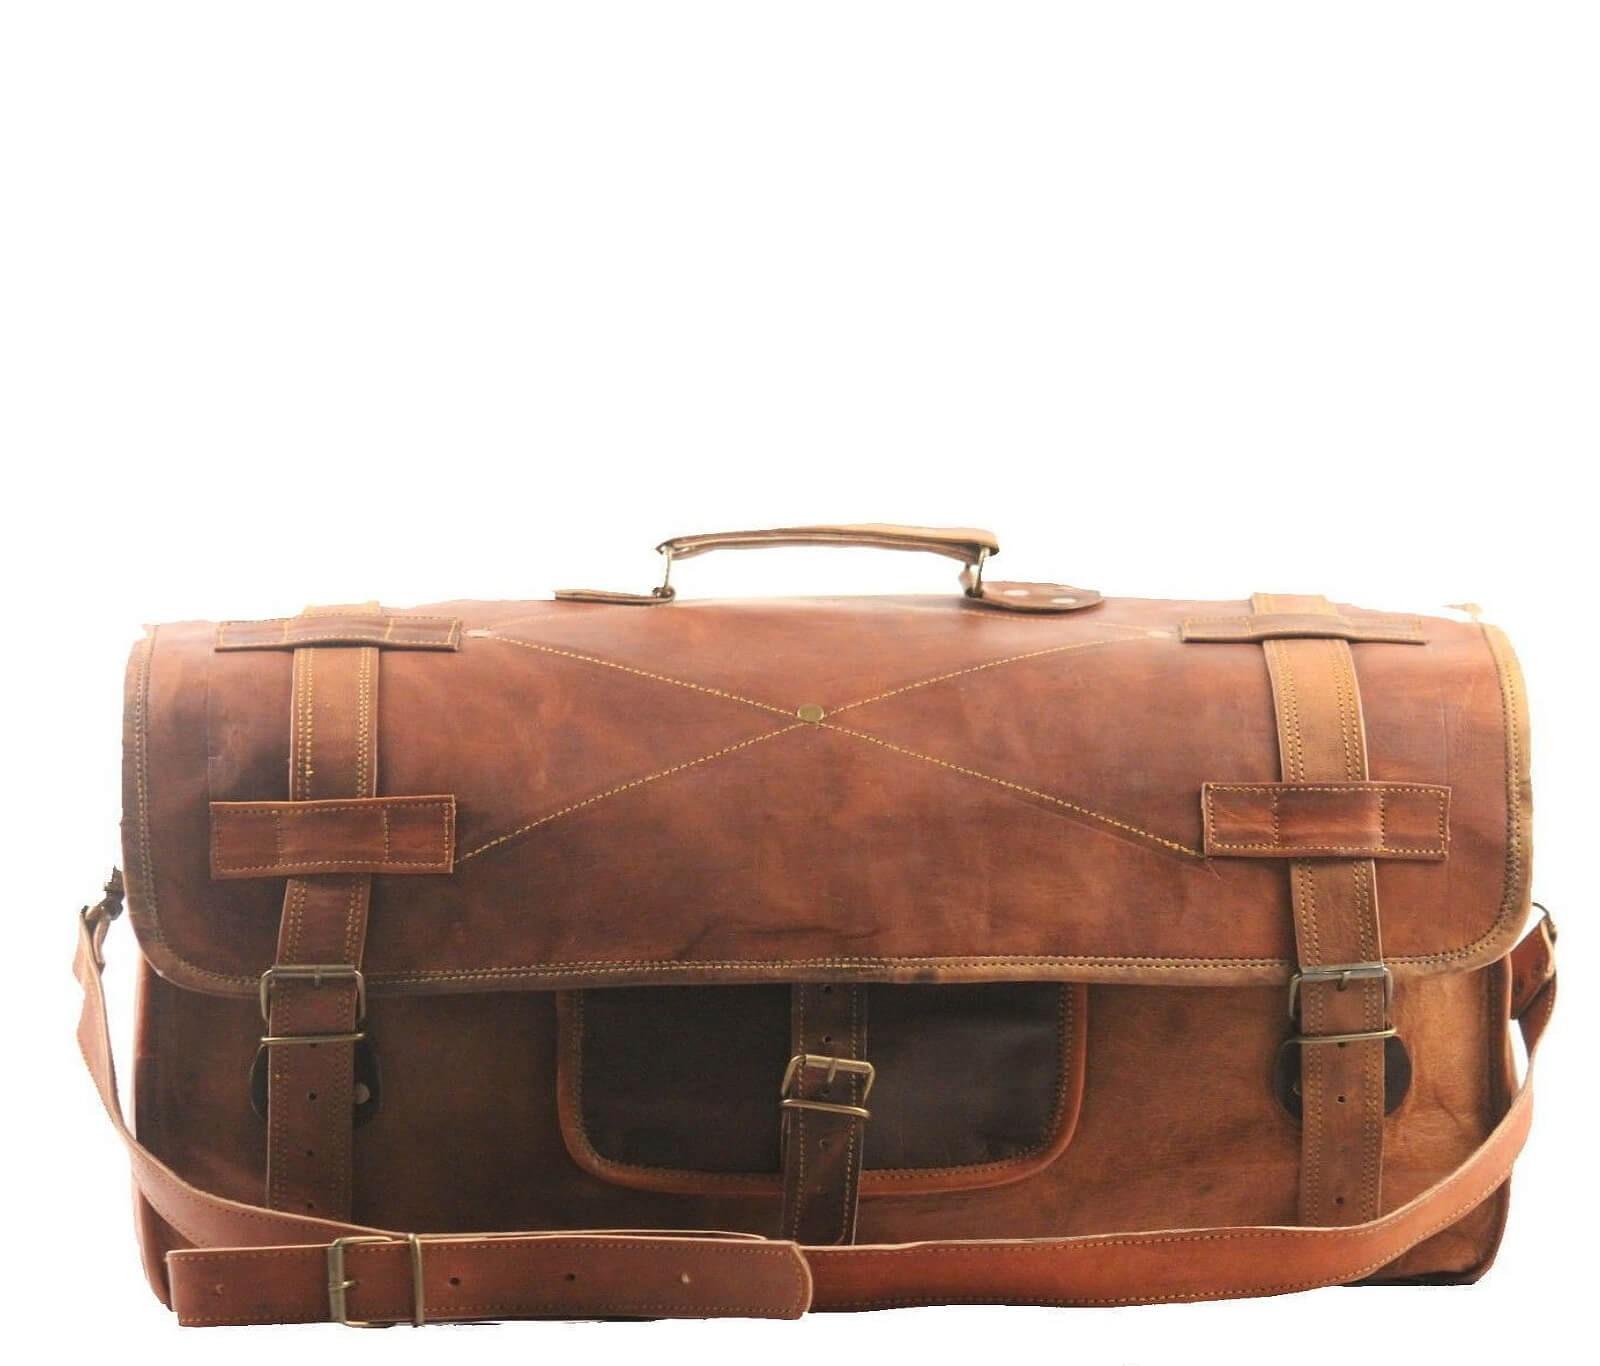 """(24h) PH5. Skórzana torba podróżna na ramię męska """"VINTAGE UDAIPUR™  Rozmiar 28"""" (dostawa w 24h)"""